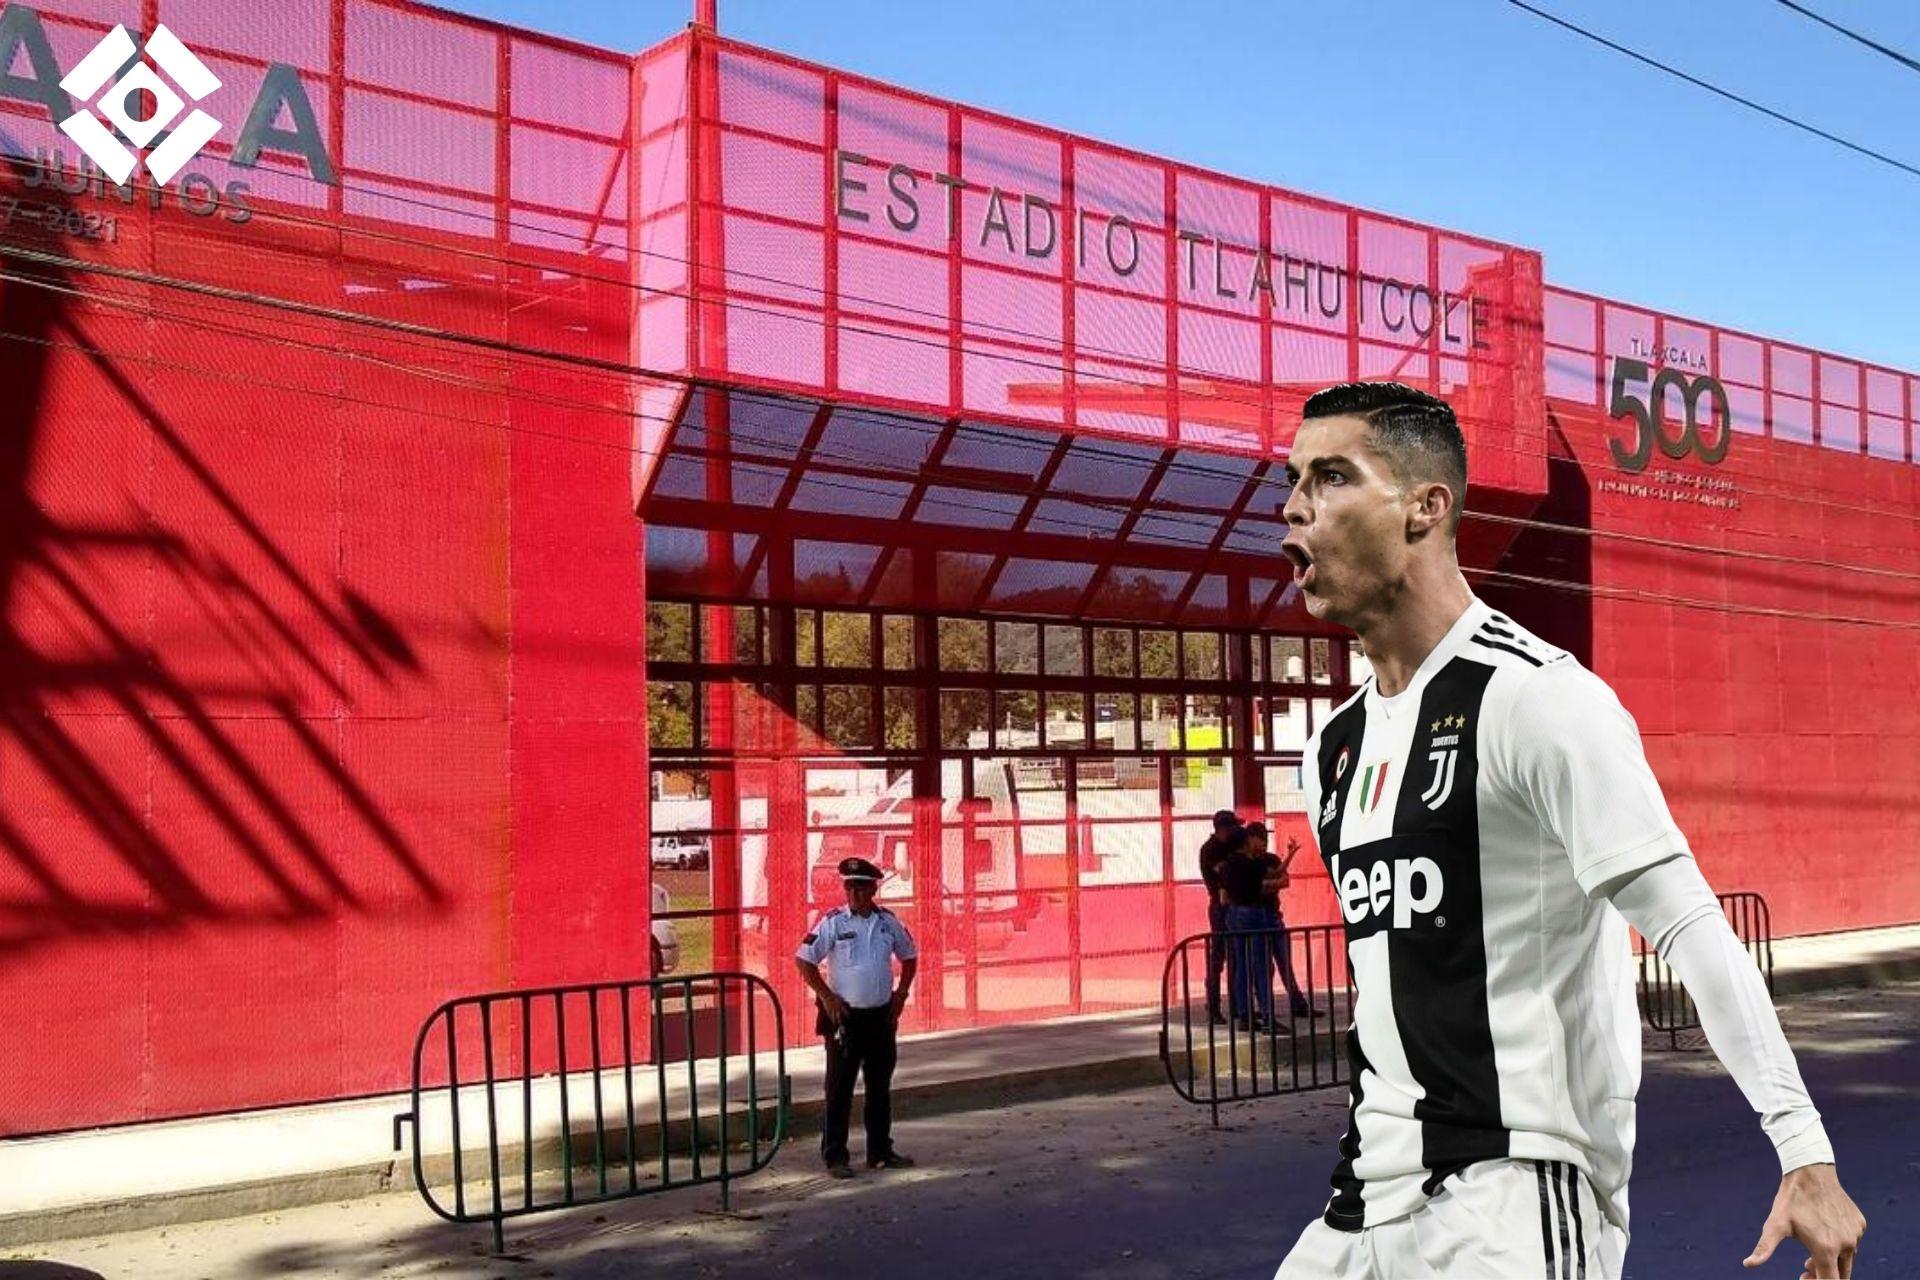 Tlaxcala y Cristiano Ronaldo-Deportes-Coyotes